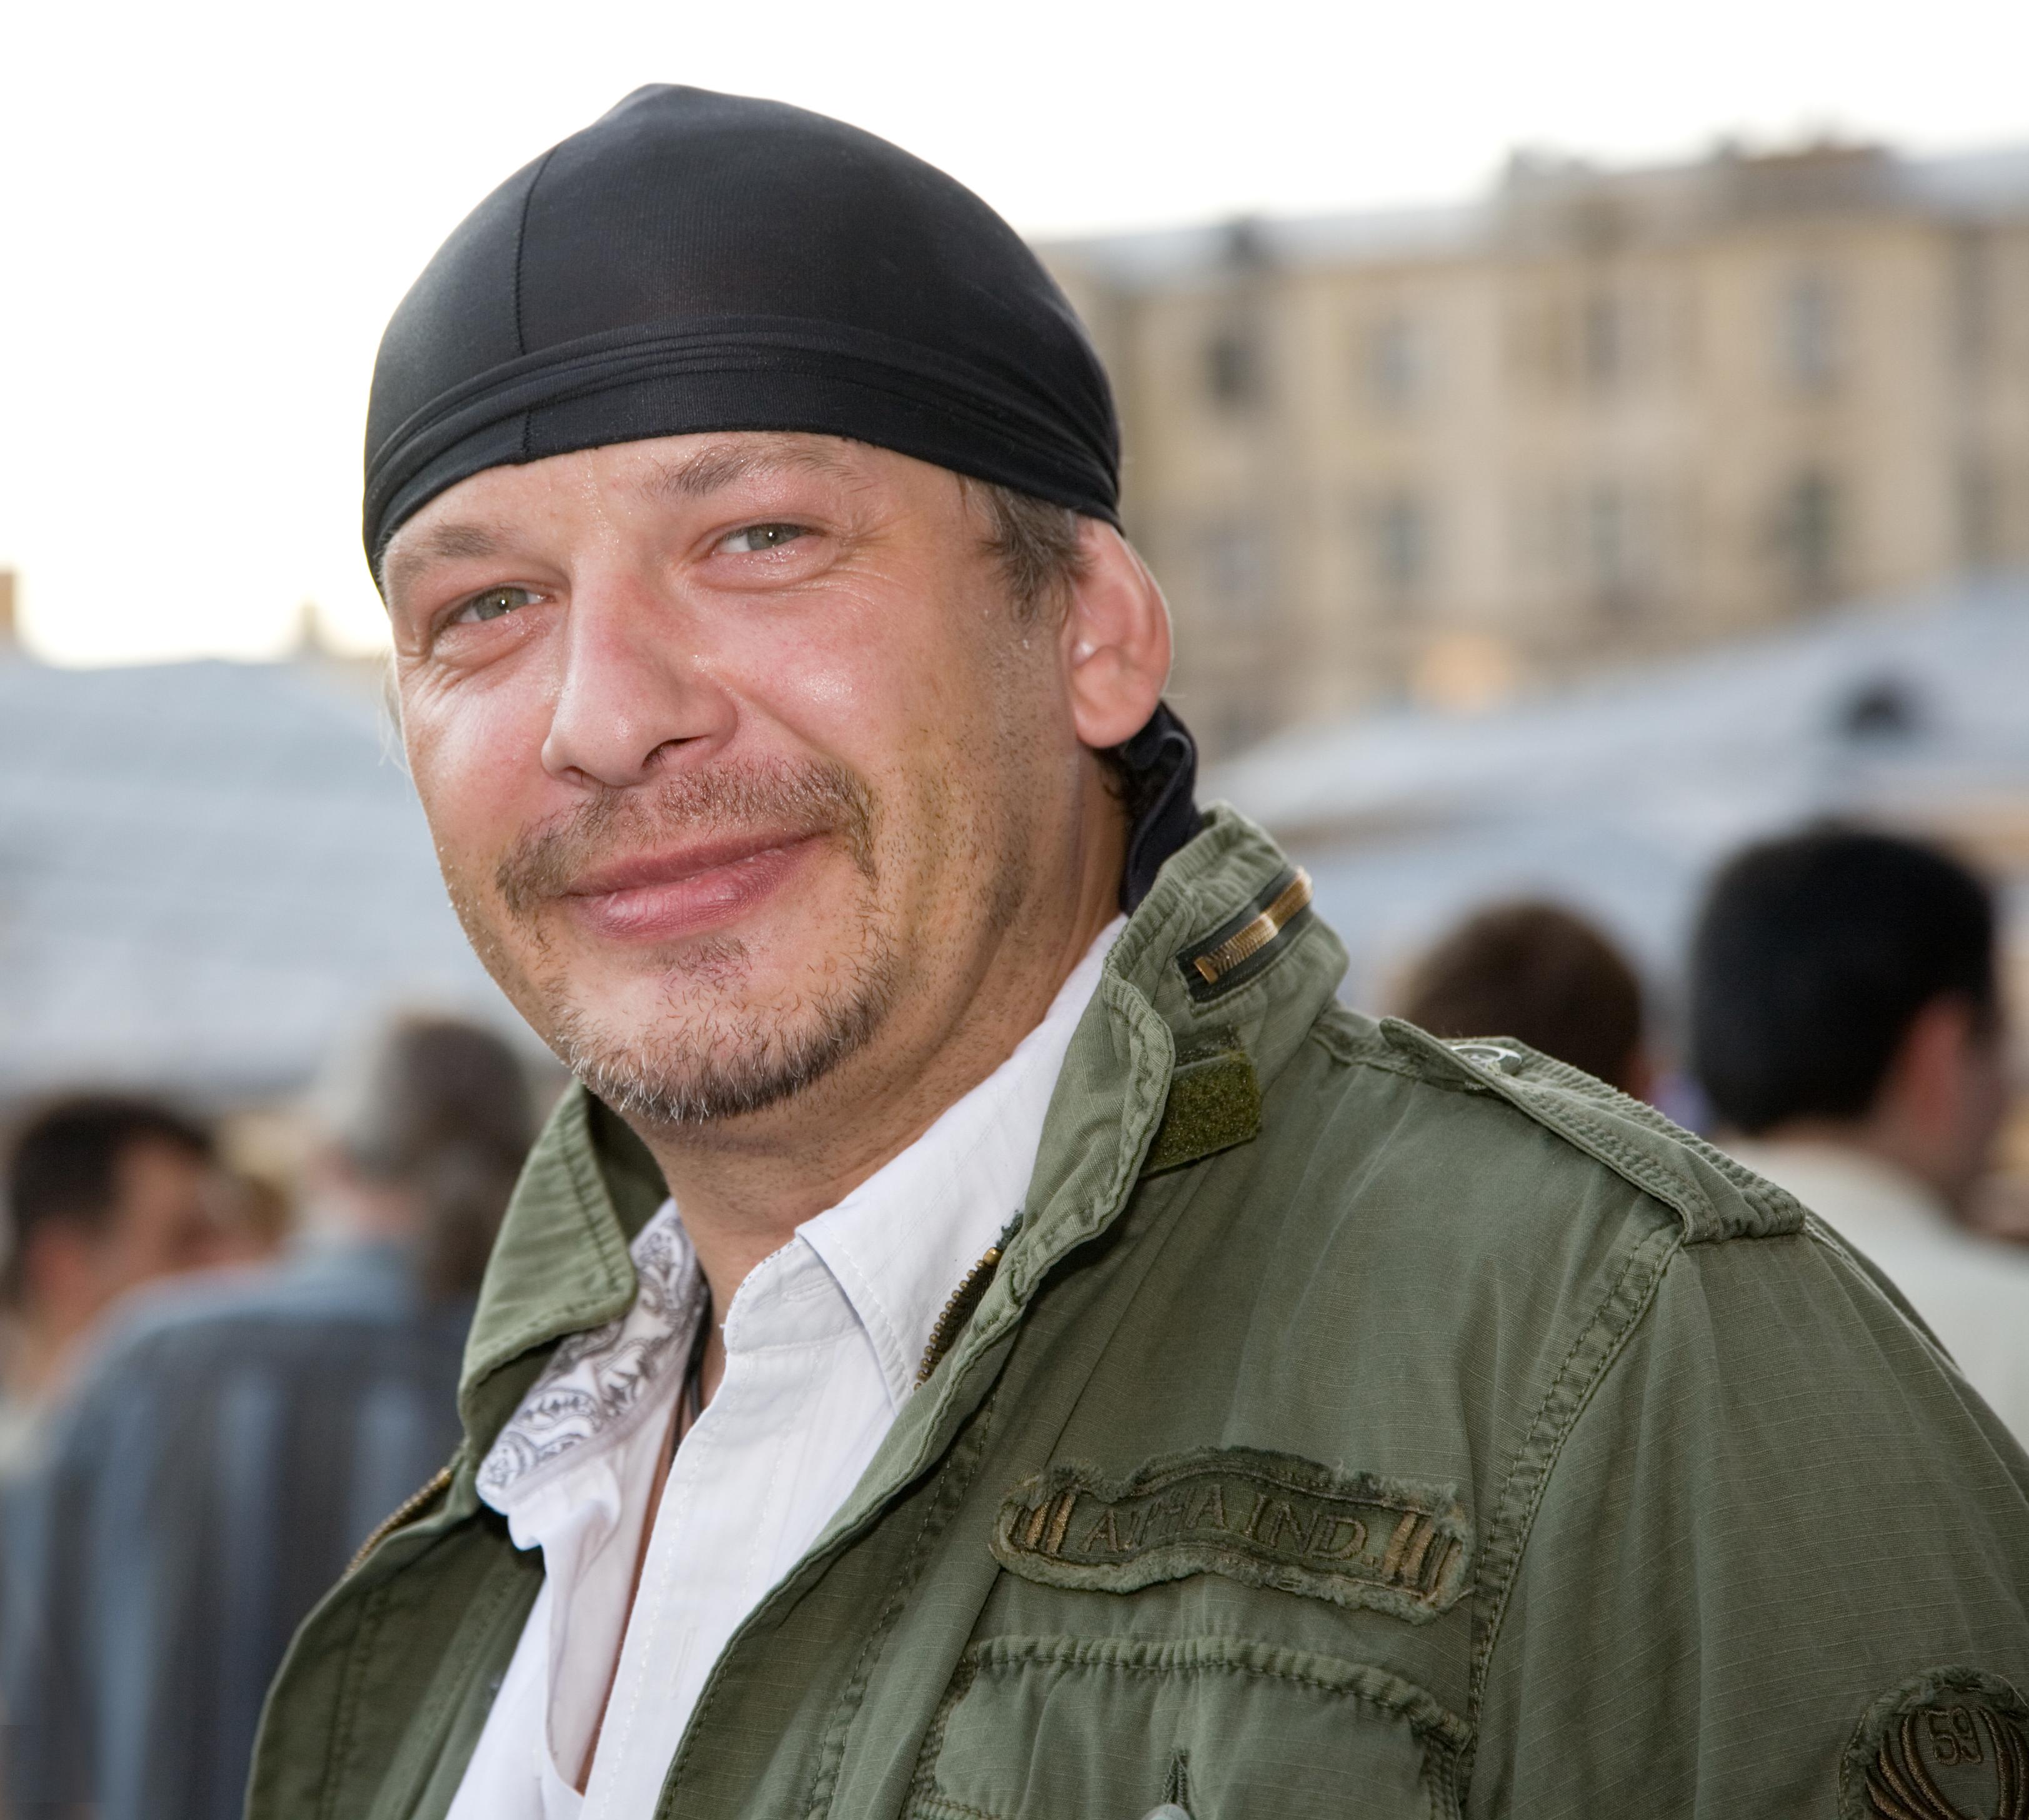 фото российского актера дмитрия марьянова очень